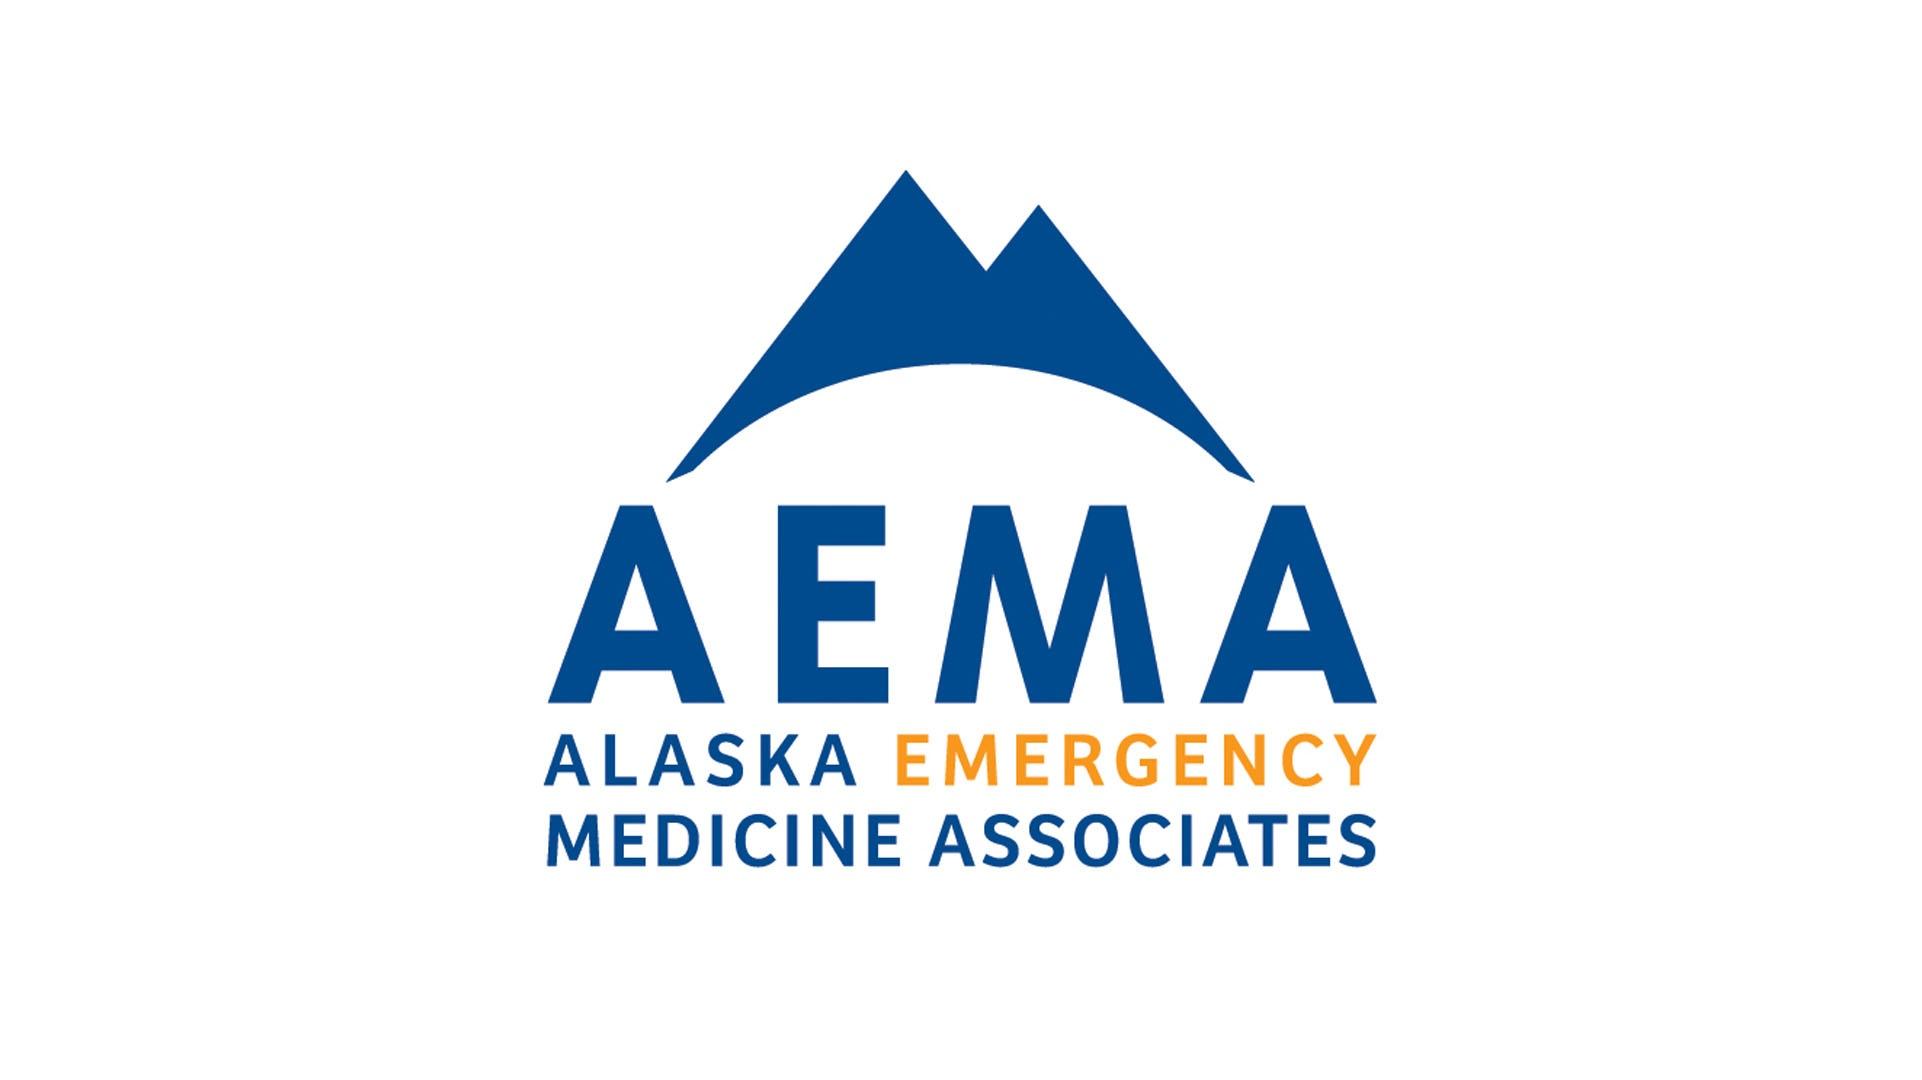 AEMA_Logo.jpg